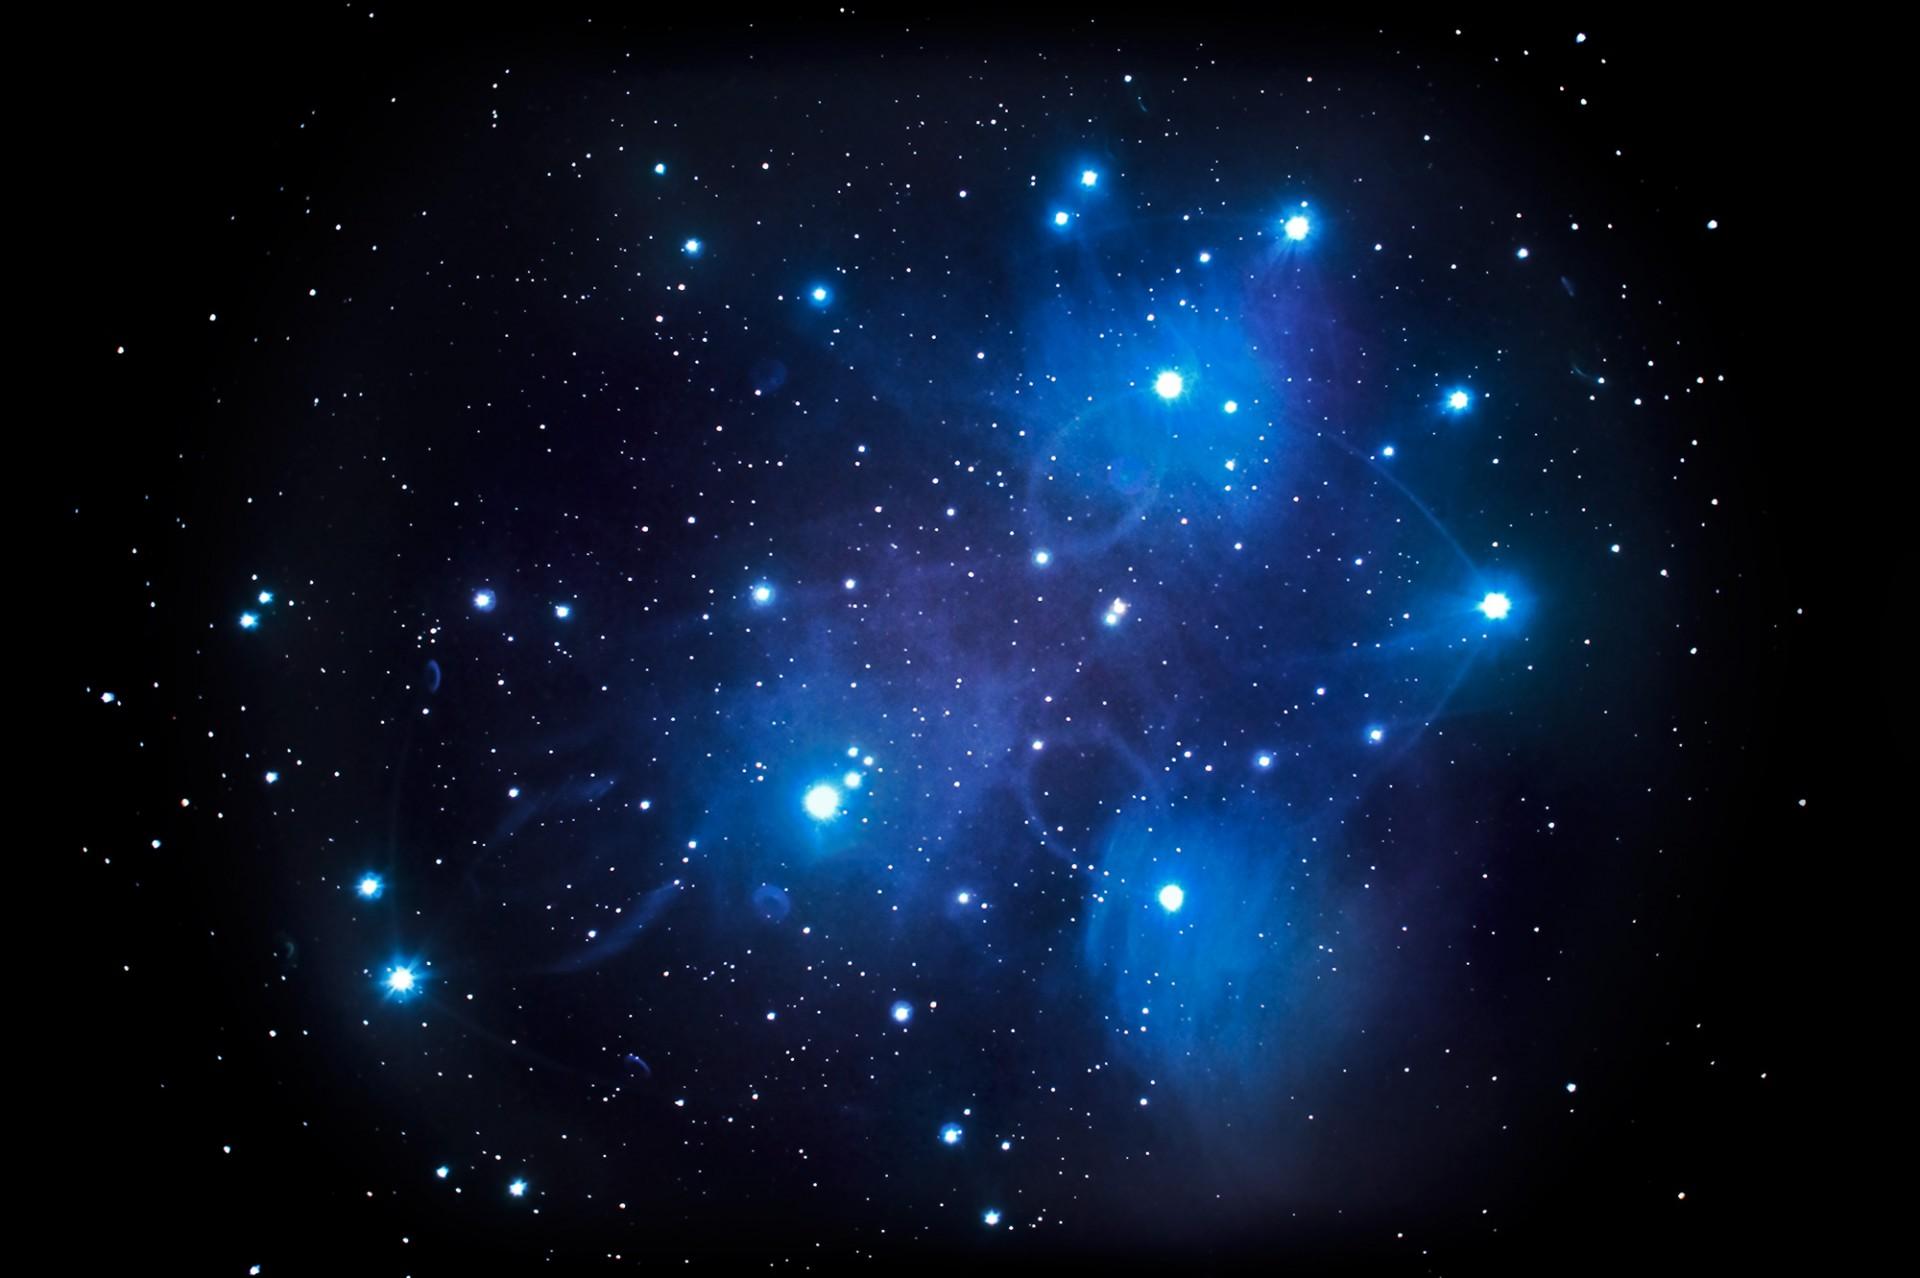 Pleiades (M 45)